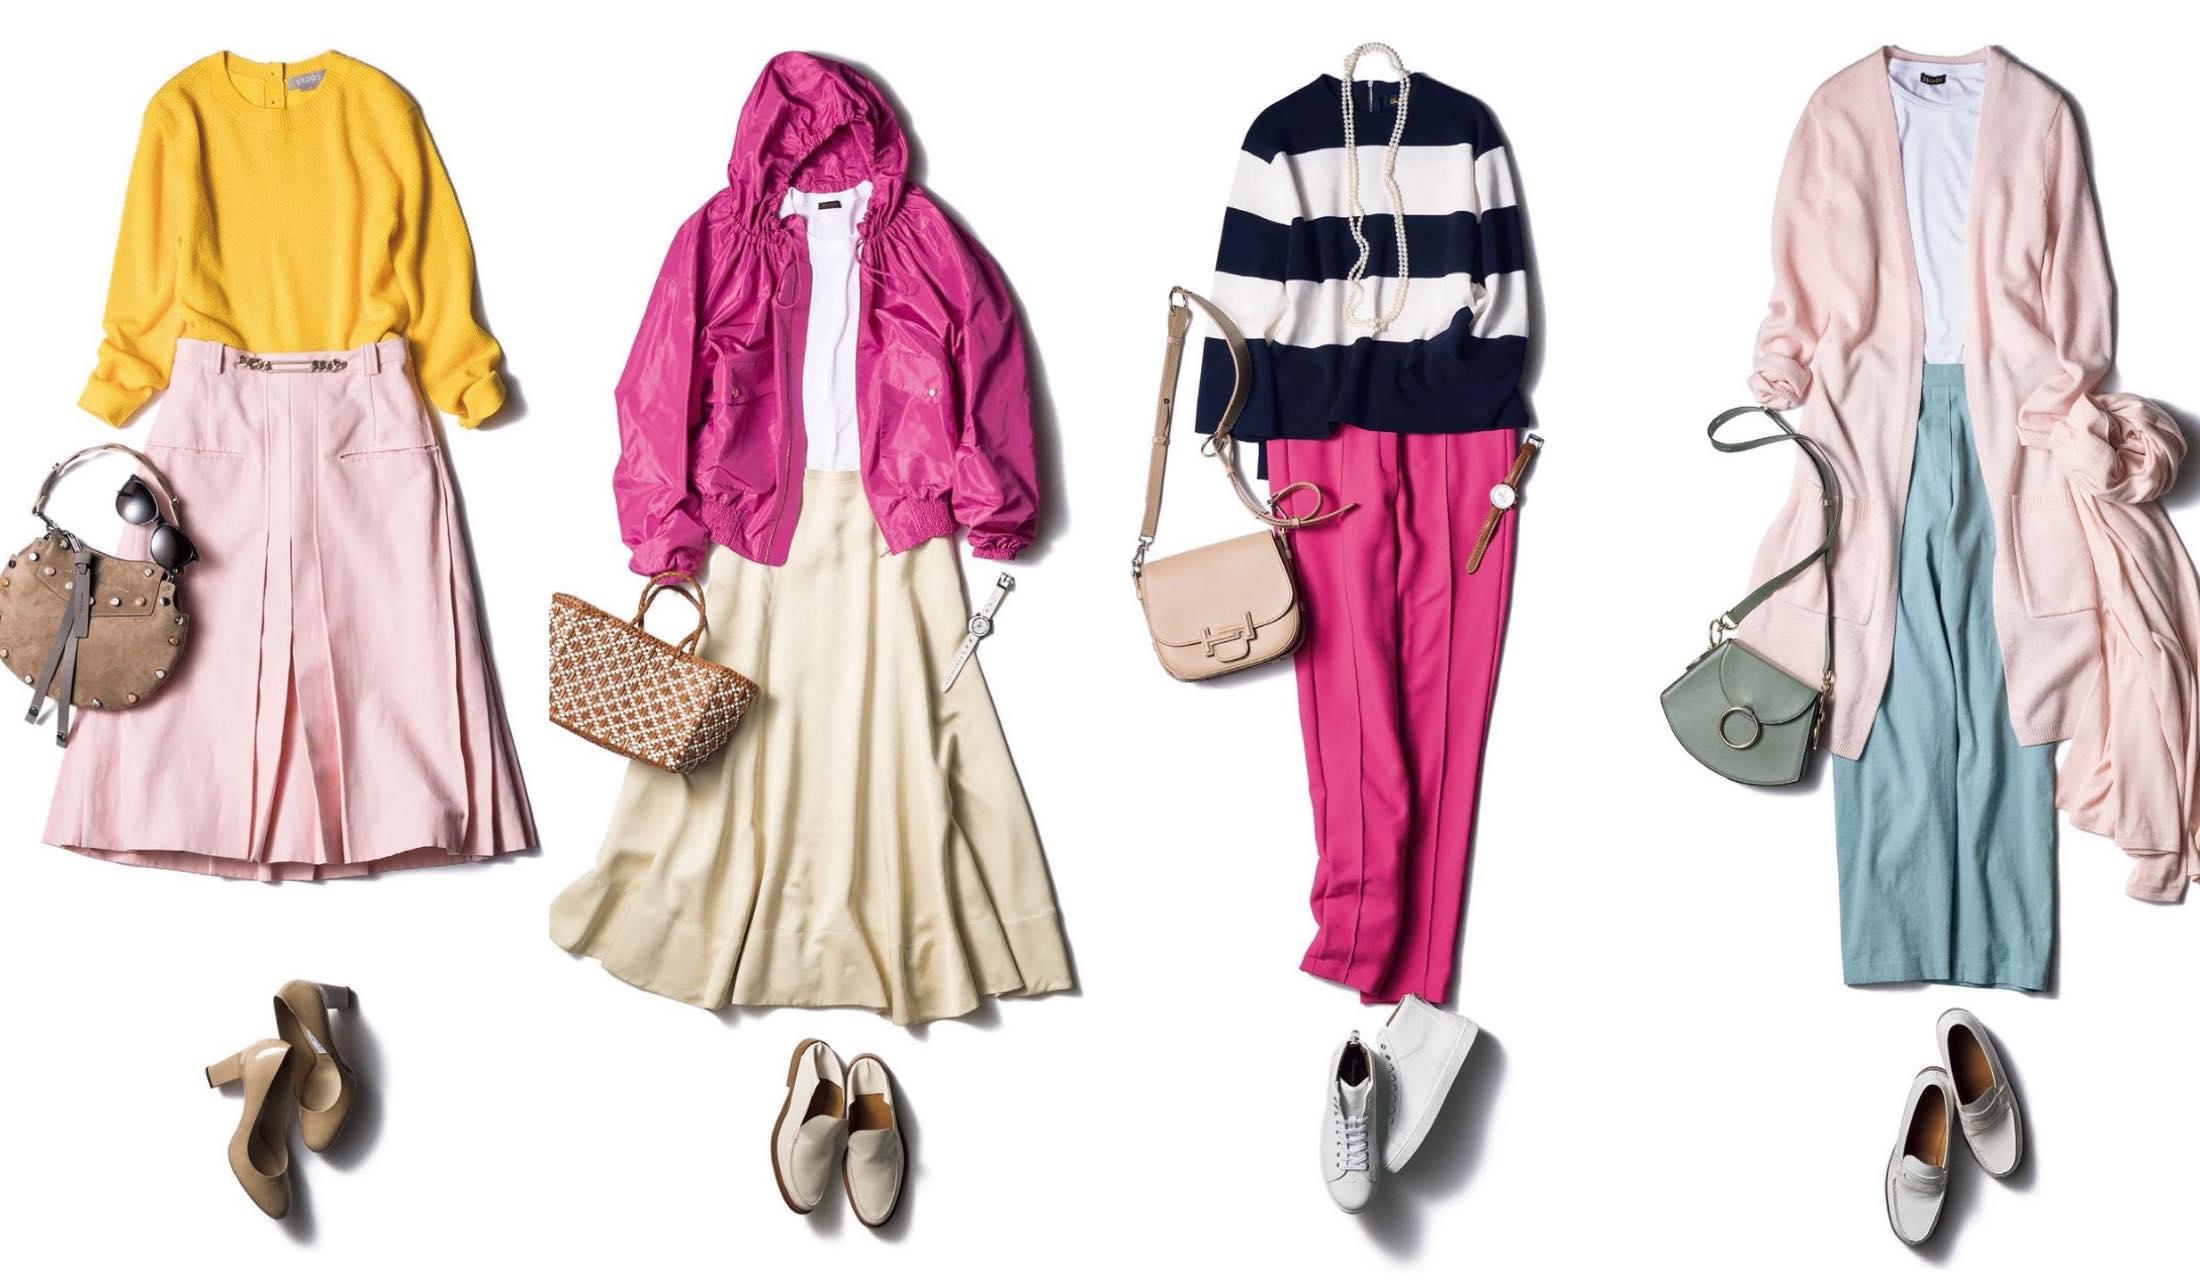 ネイビーのタートルネックニットと、ピンクのパンツを履いた女性